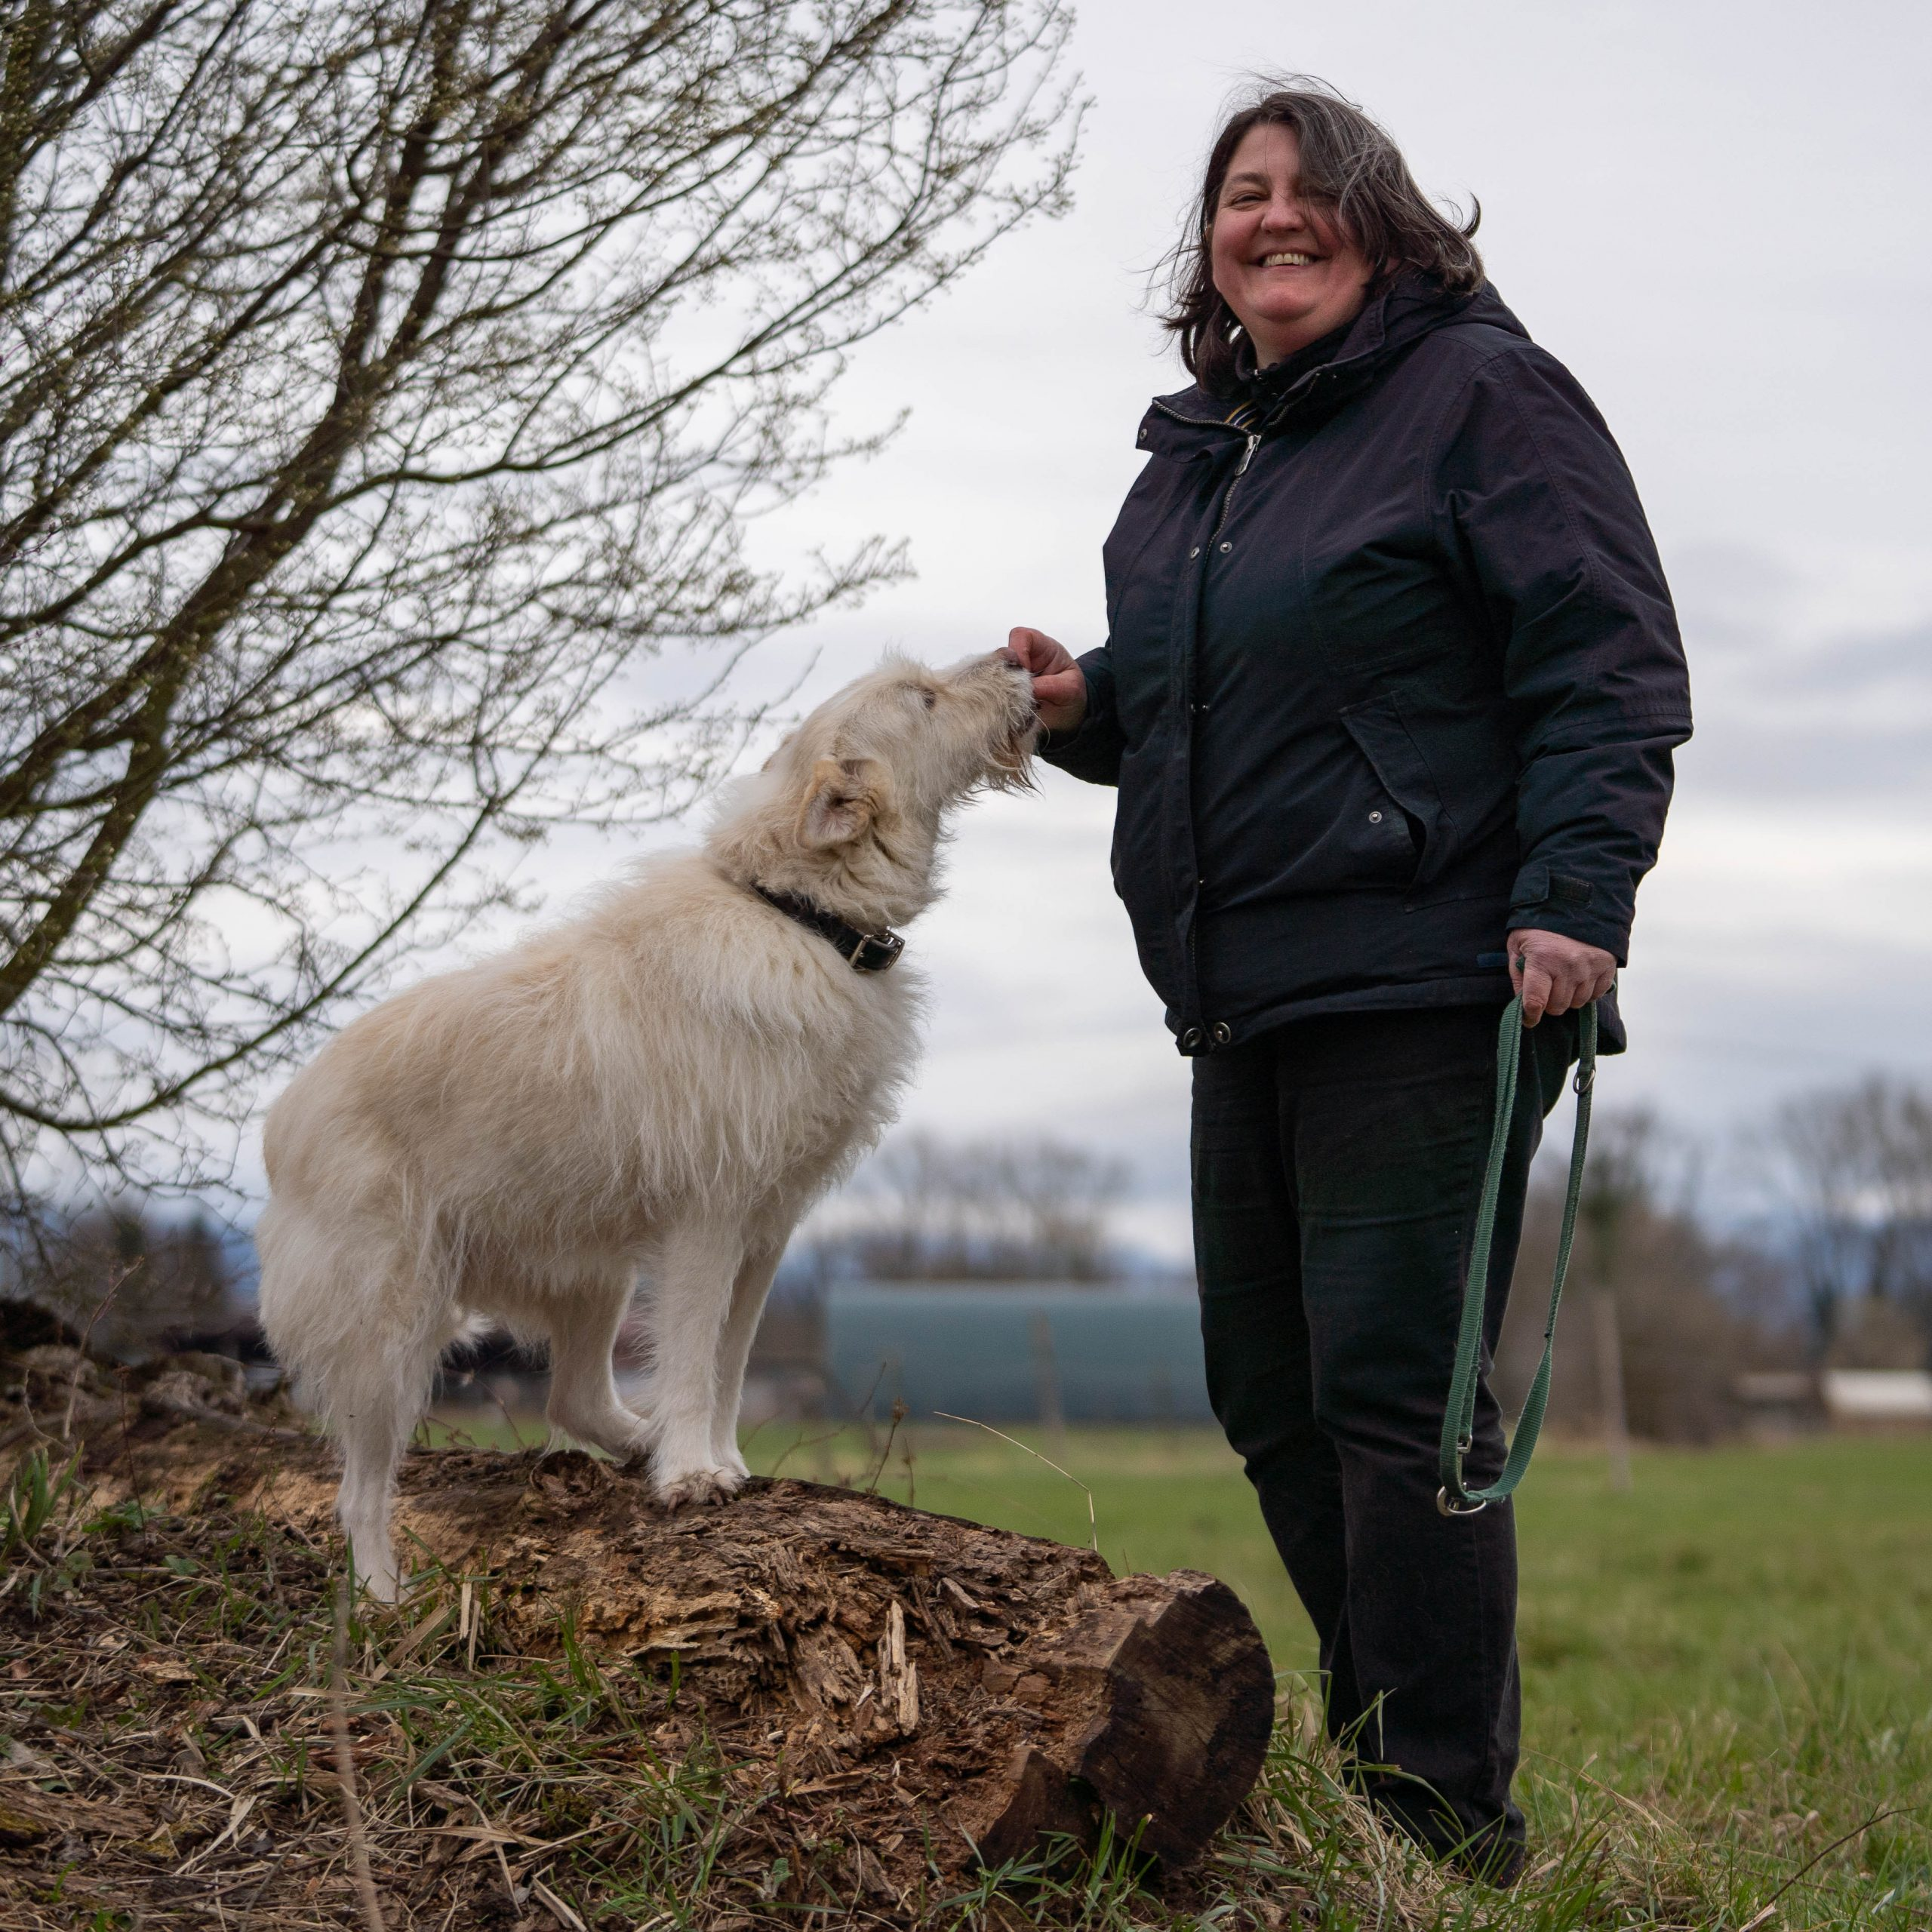 Susanne Allgeier übt mit einem weißen Hund Sitz